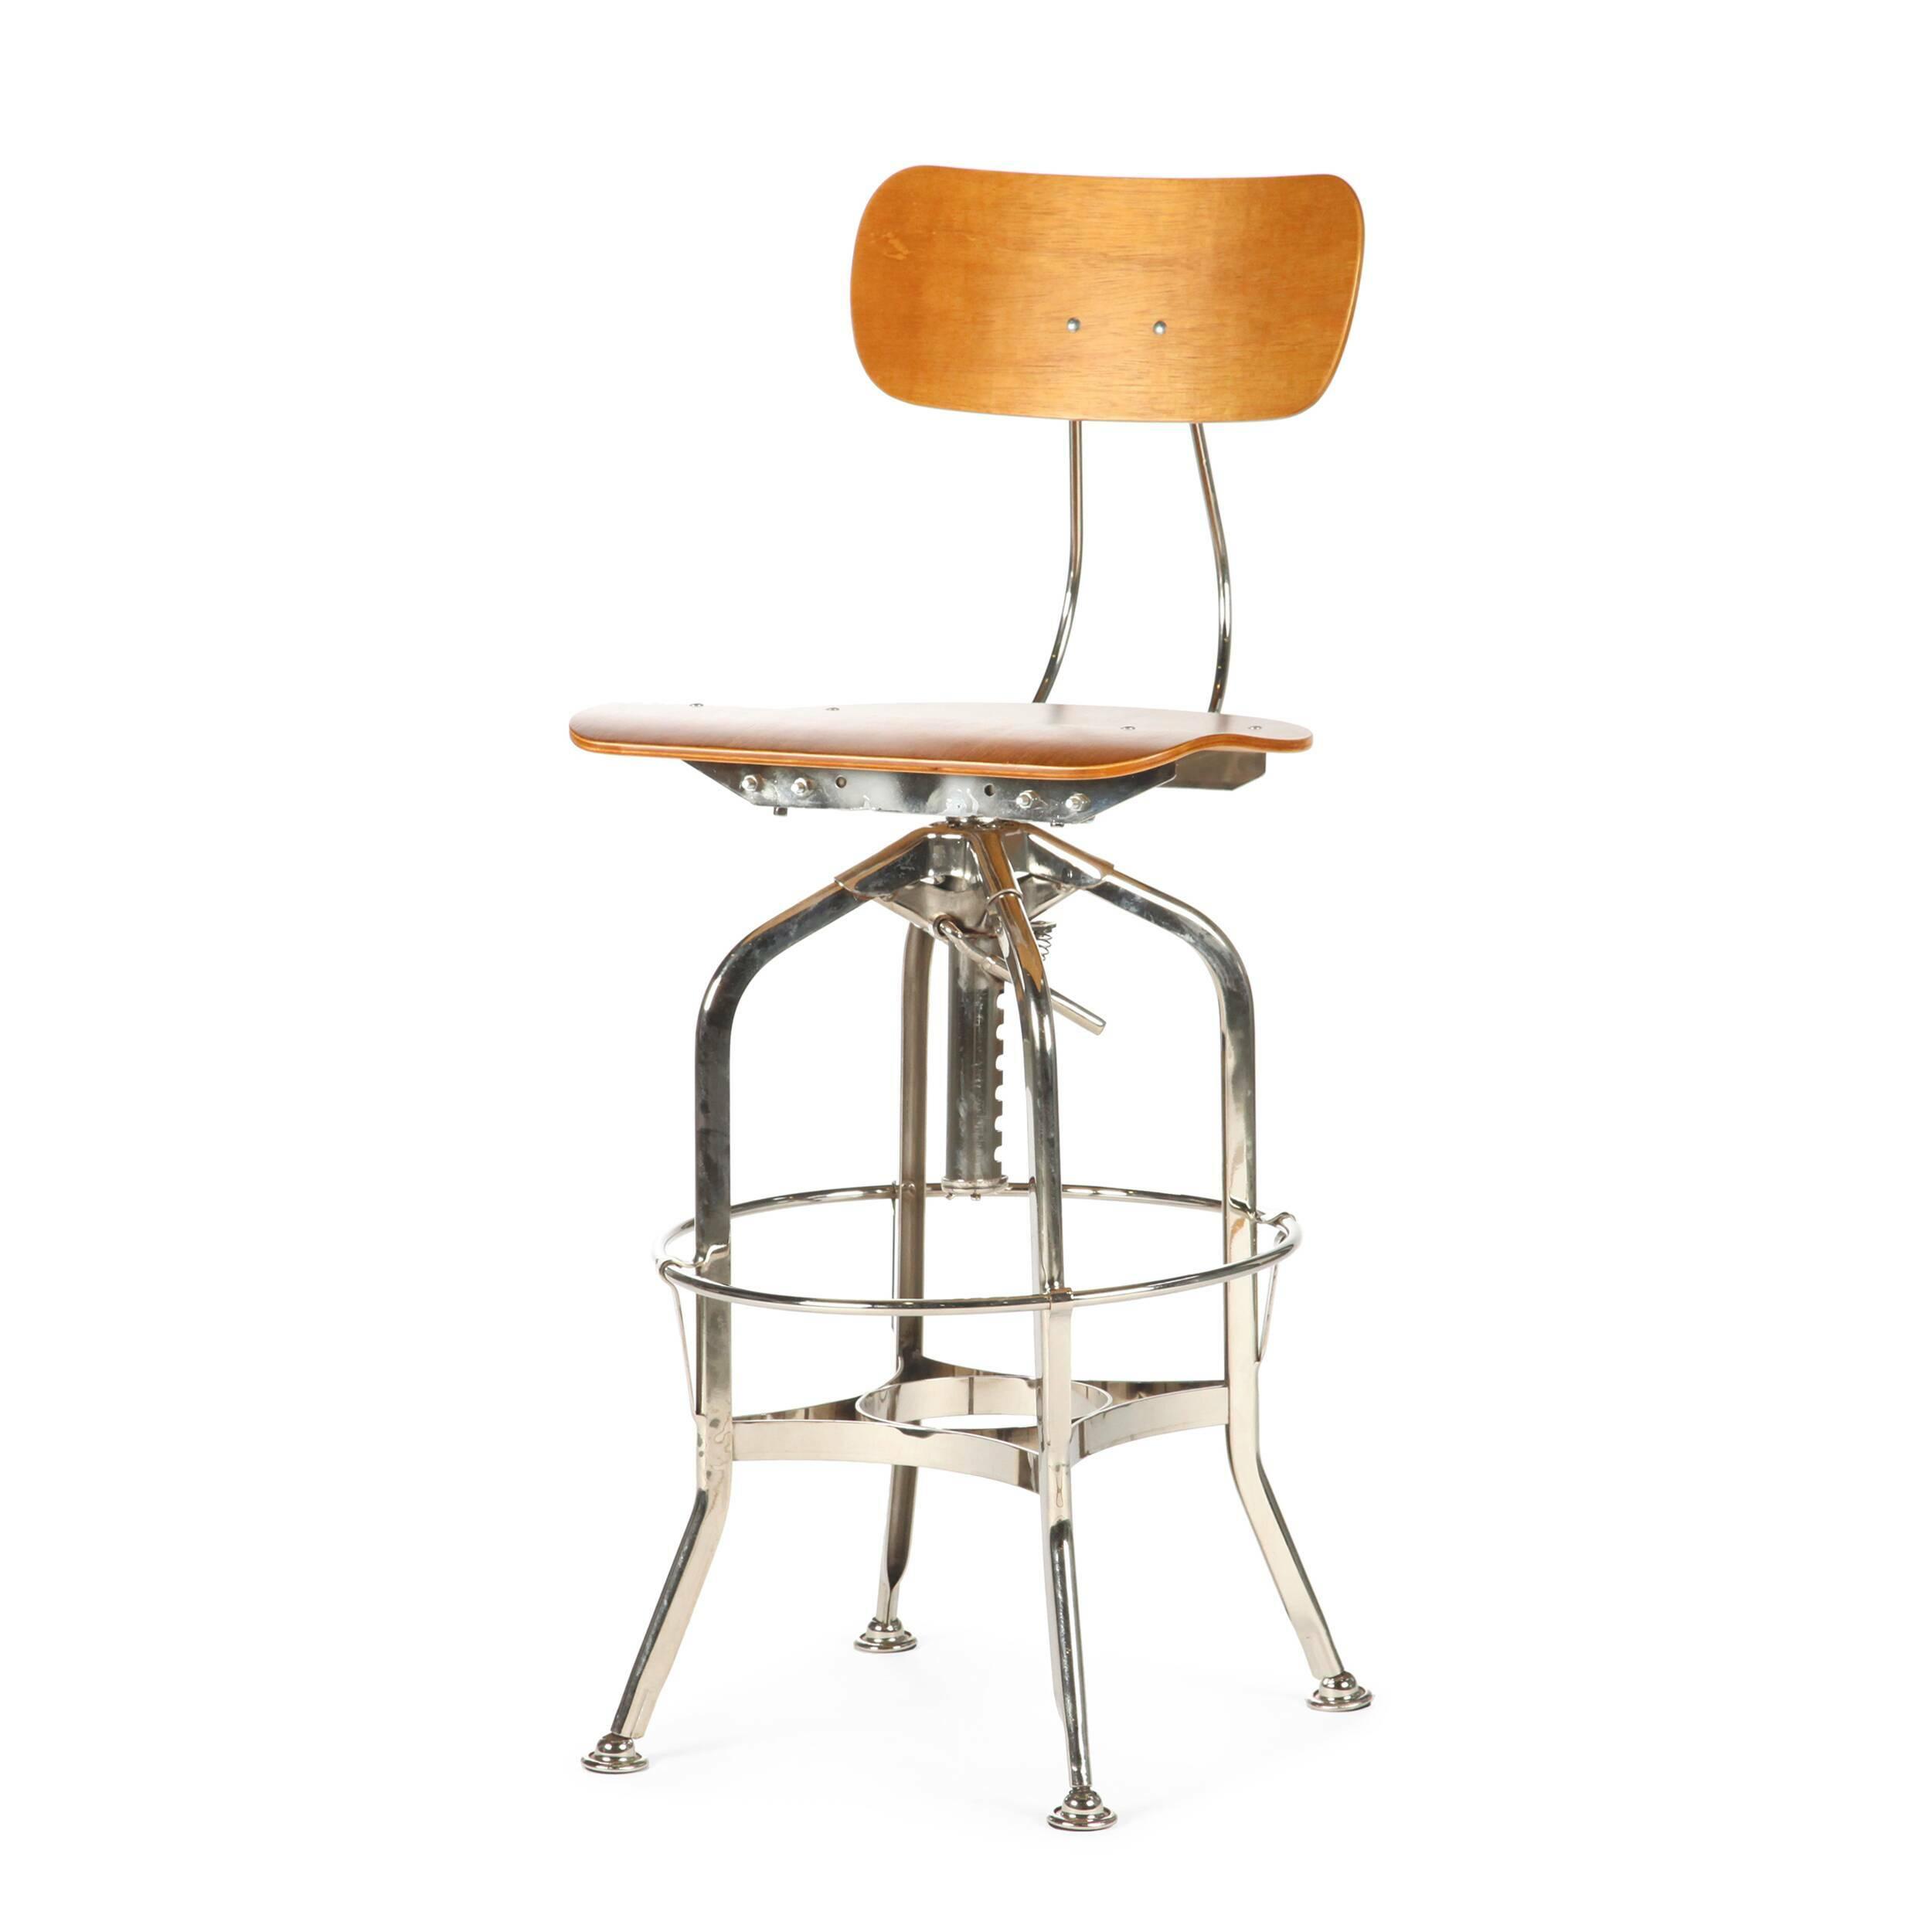 Барный стул Toledo WoodБарные<br>Дизайнерский цветной барный стул Toledo Wood (Толедо Вуд) из фанеры на черных ножках от Cosmo (Космо). <br><br> Целевыми помещениями для использования стульев Toledo изначально были офисы, заводы, аптеки и тому подобные места. Однако под влиянием веяний модных дизайнерских тенденций появилась новая модель — для ресторанов, молодежных клубов и баров.<br><br><br> Замысловатый каркас из стали, выполненный в черном или металлическом цвете, представлен системой «паучьи лапки», как назвали это сами дизайне...<br><br>stock: 3<br>Высота: 97<br>Высота сиденья: 64-75<br>Ширина: 42<br>Глубина: 48<br>Цвет ножек: Никель<br>Материал сидения: Фанера, шпон гевеи<br>Цвет сидения: Коричневый<br>Тип материала сидения: Дерево<br>Тип материала ножек: Сталь